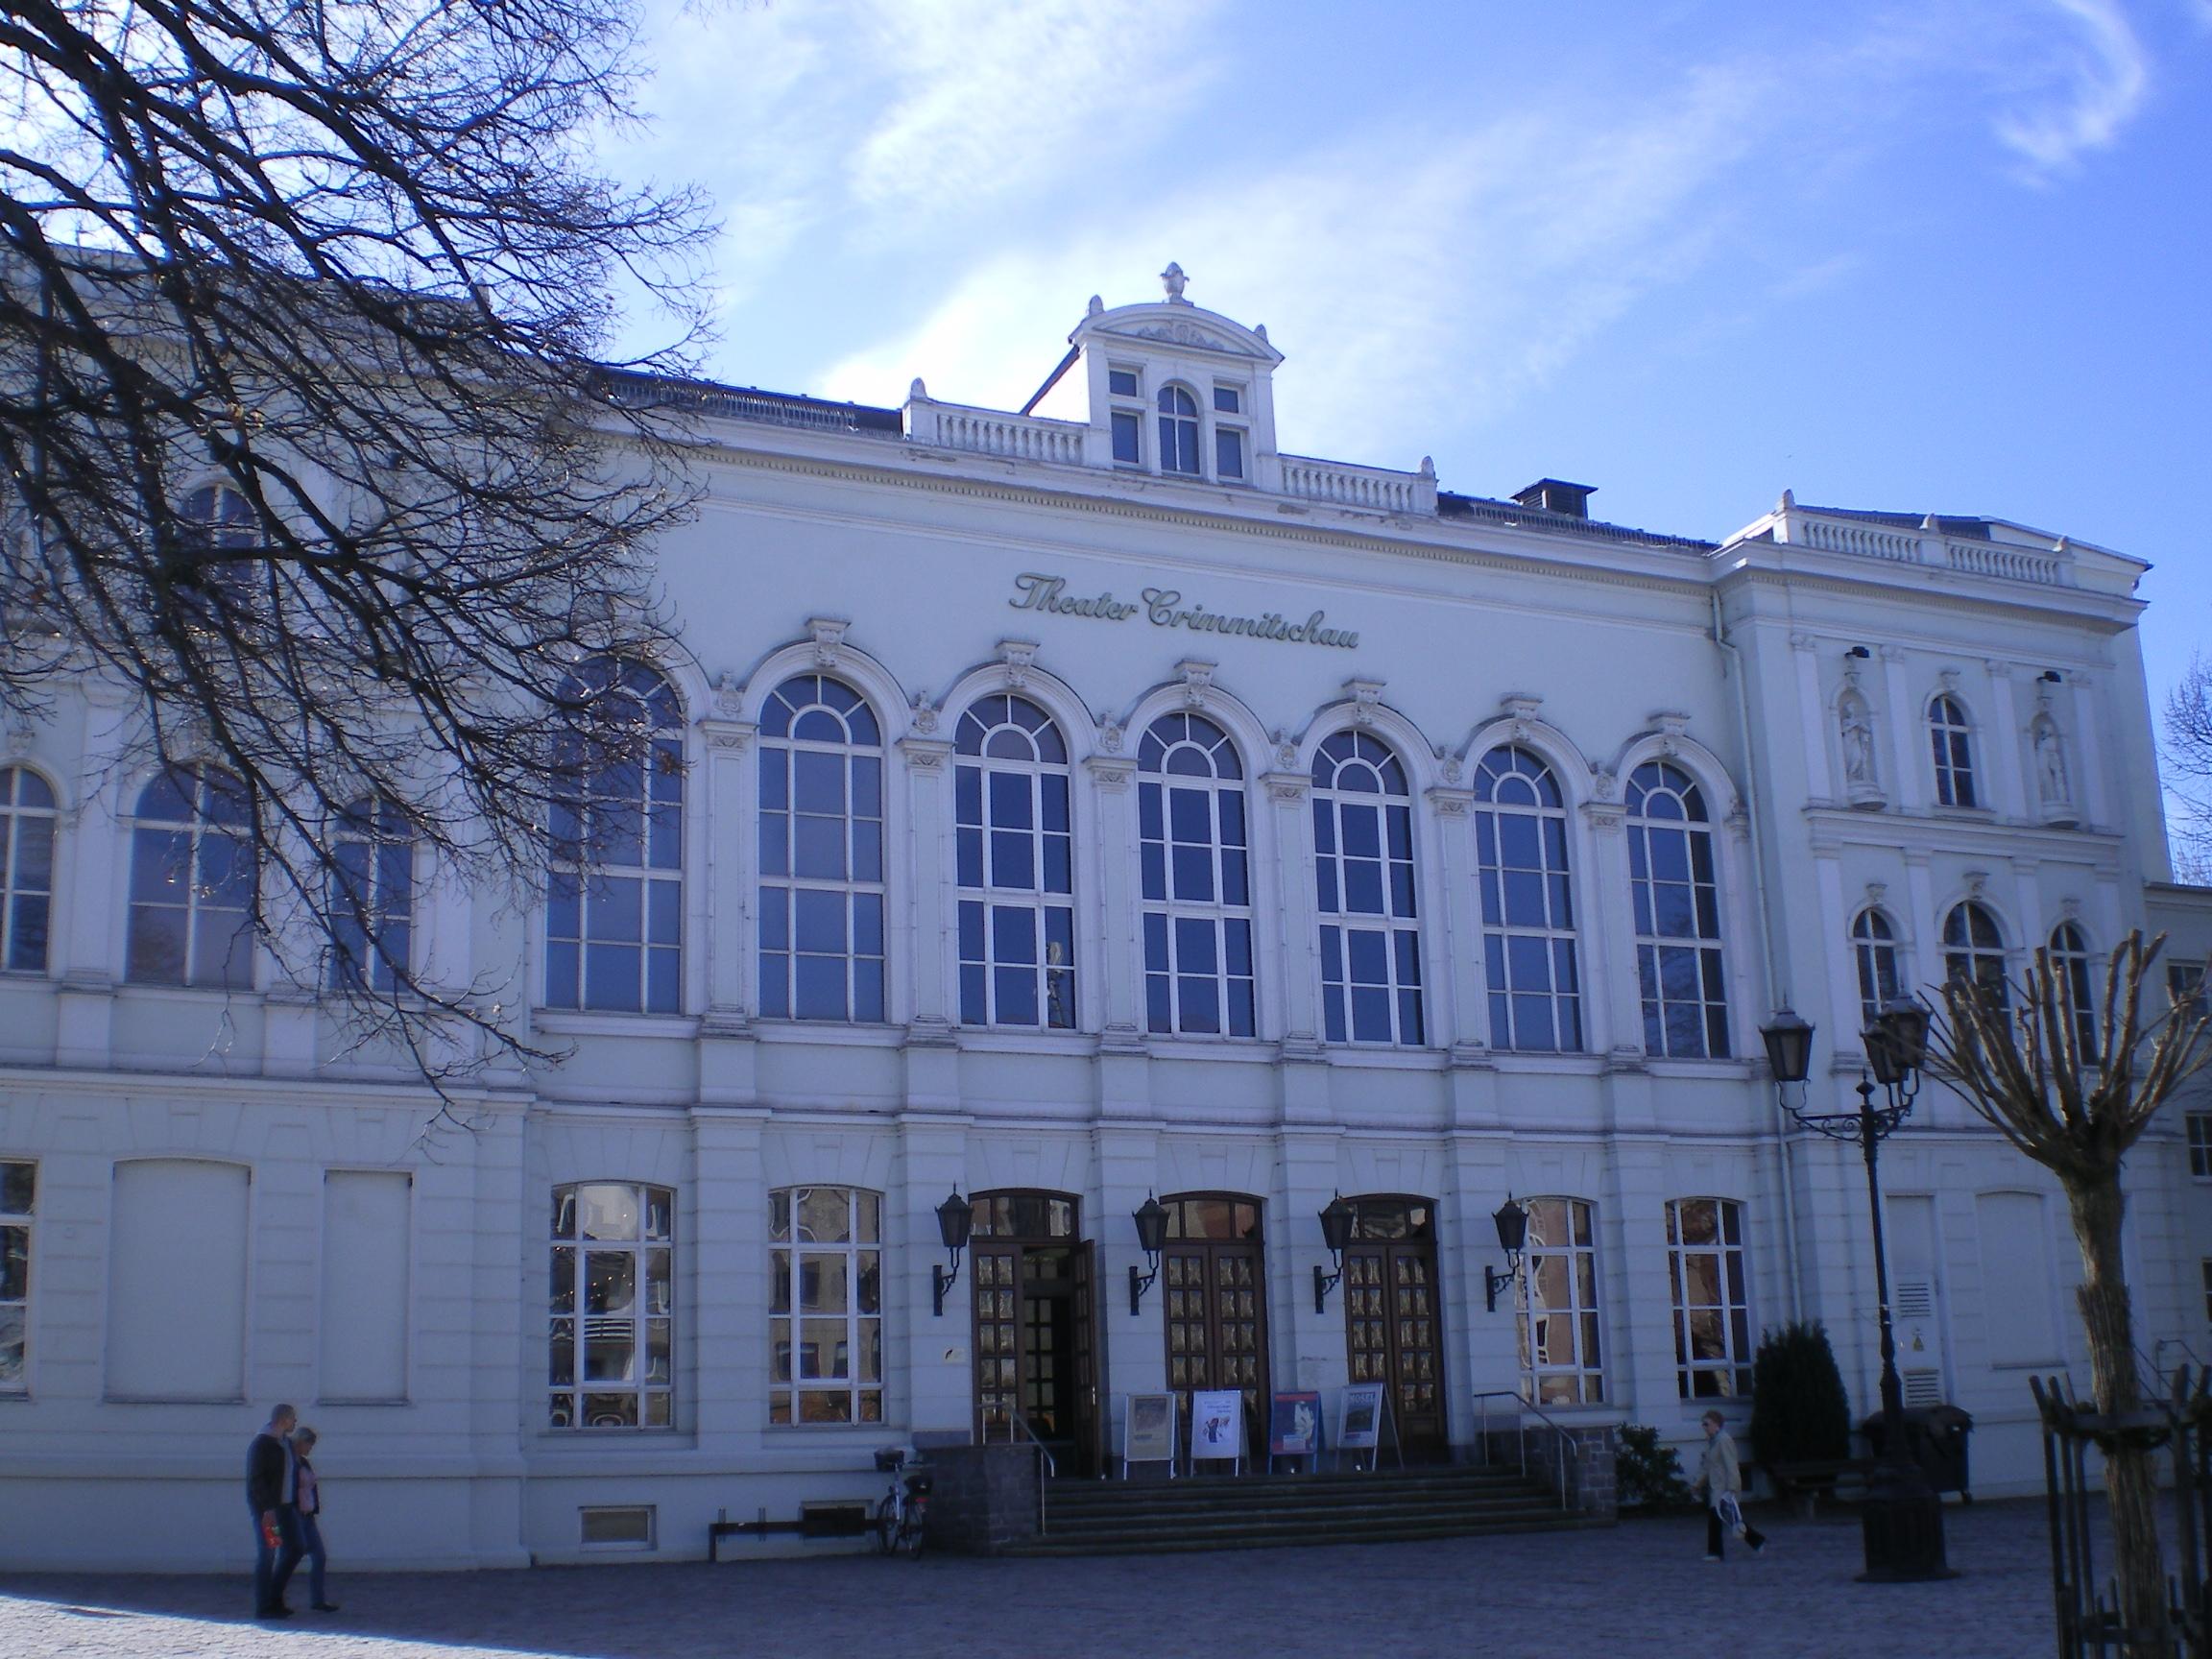 Bild von Zwickau (Landkreis): Theater Crimmitschau